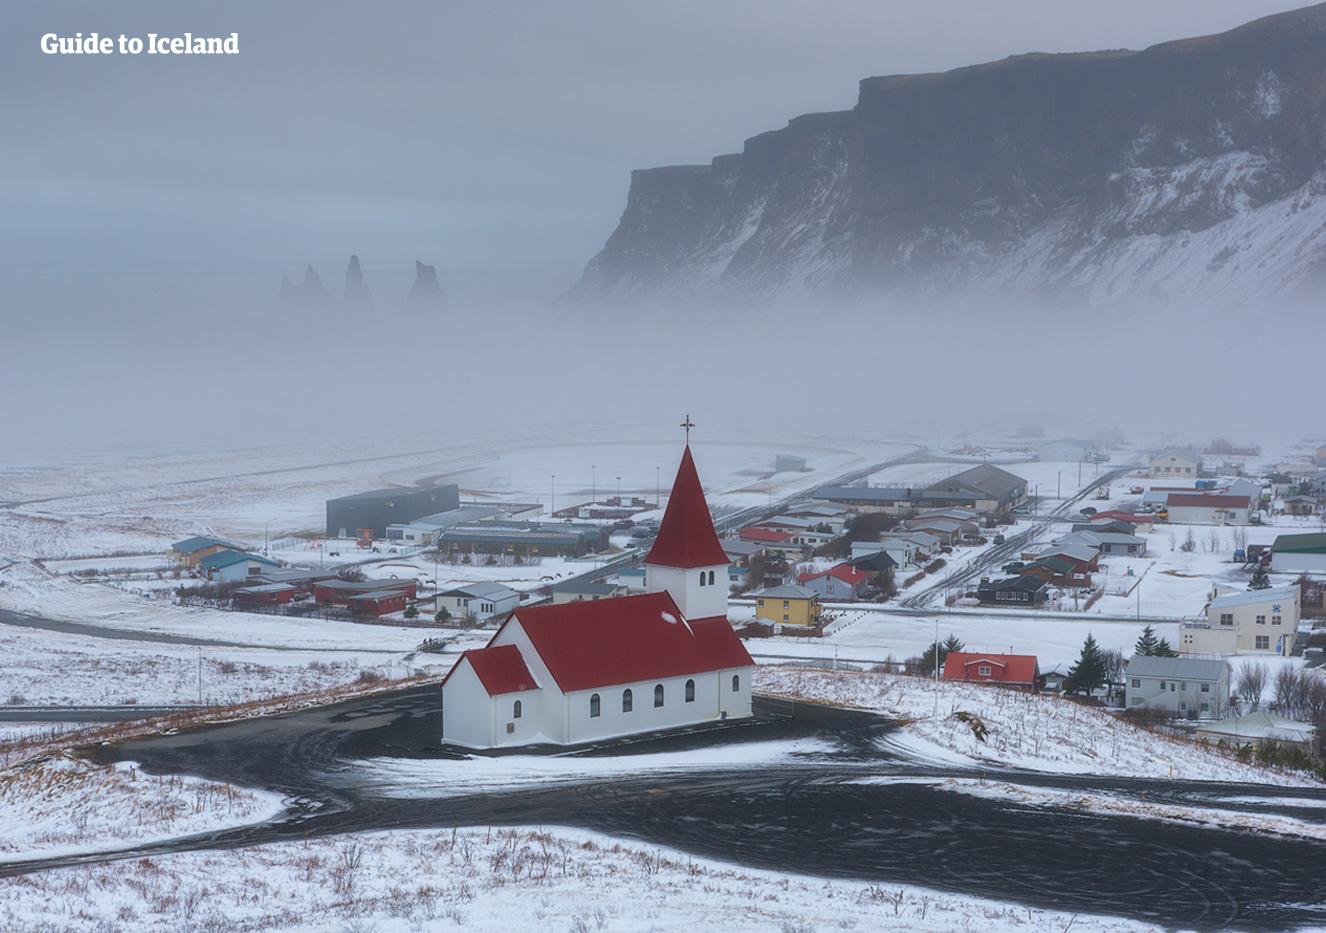 13 dni, samodzielna podróż   Zimowa wycieczka dookoła Islandii i Snaefellsnes - day 9